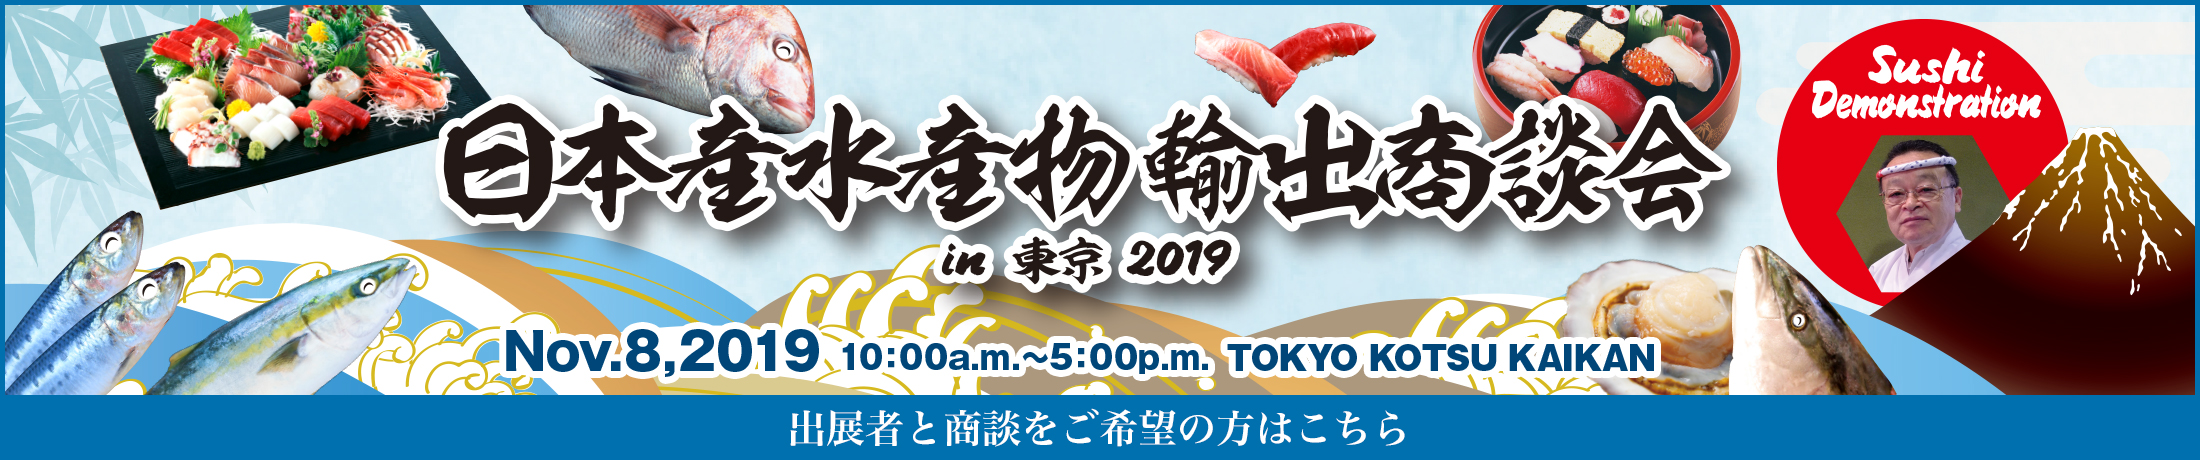 日本産水産物輸出商談会㏌東京2019